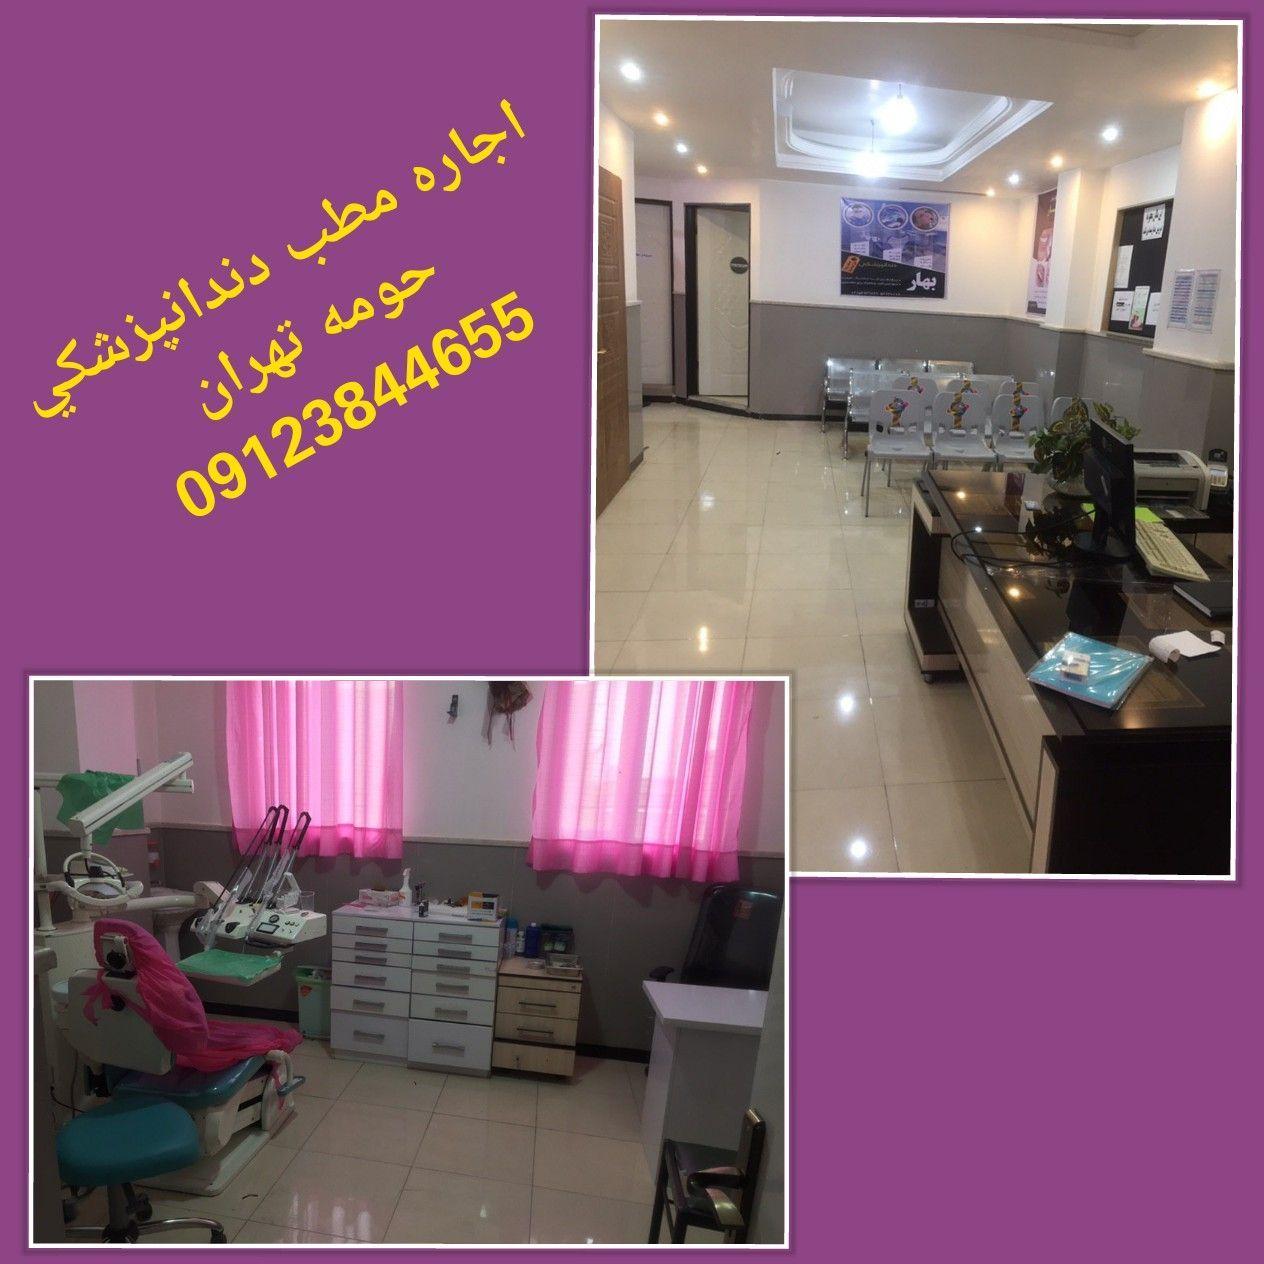 اجاره مطب دندانپزشکی، حومه تهران